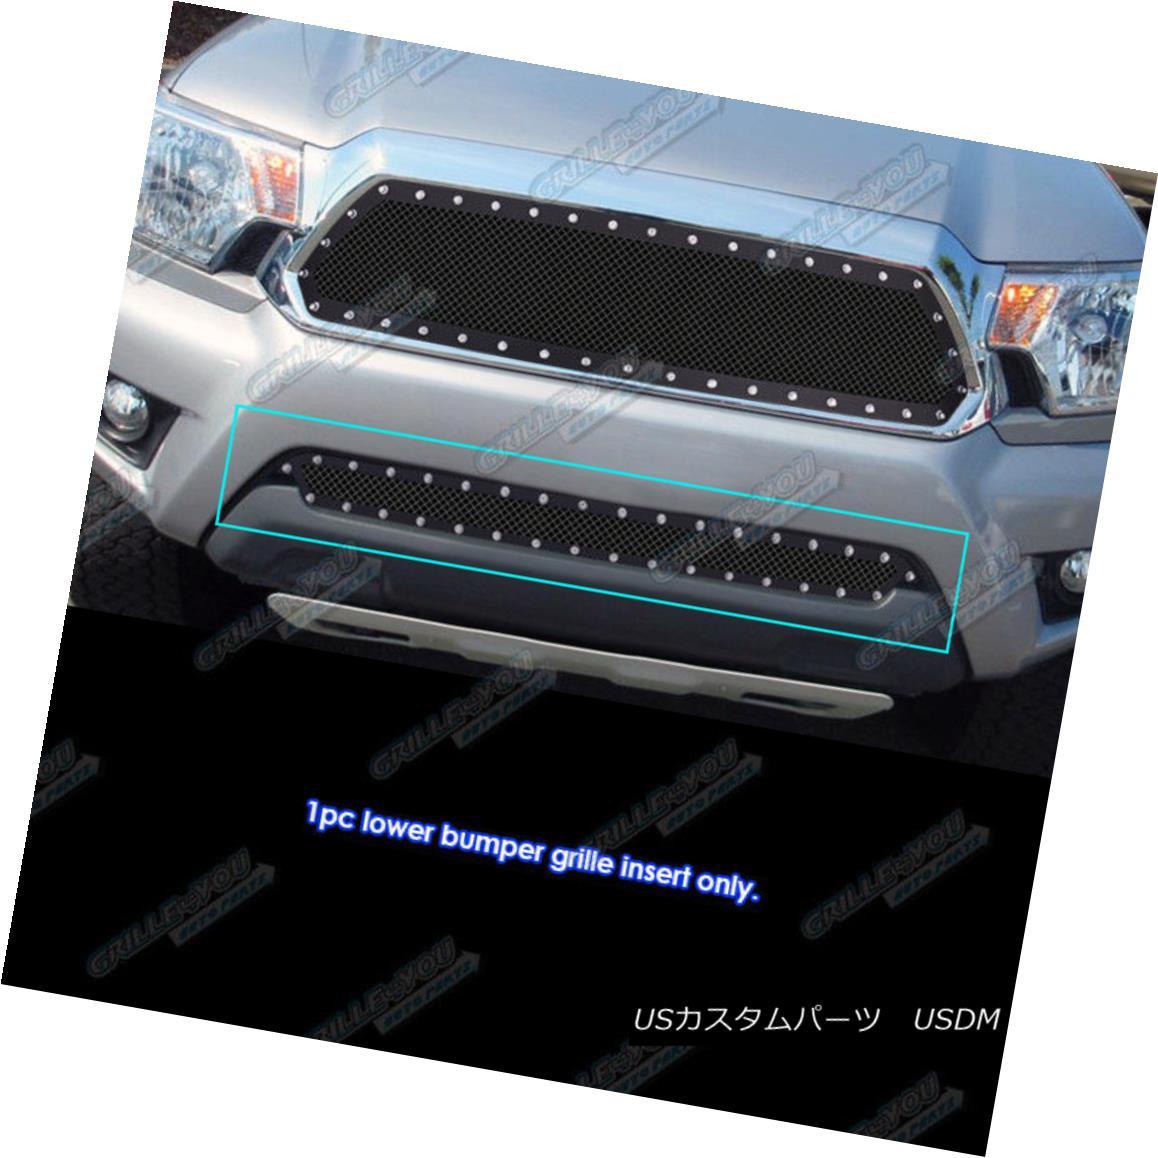 グリル Fits 2012-2015 Toyota Tacoma Stainless Black Mesh Lower Bumper Grille フィット2012-2015トヨタタコマステンレスブラックメッシュロワーバンパーグリル